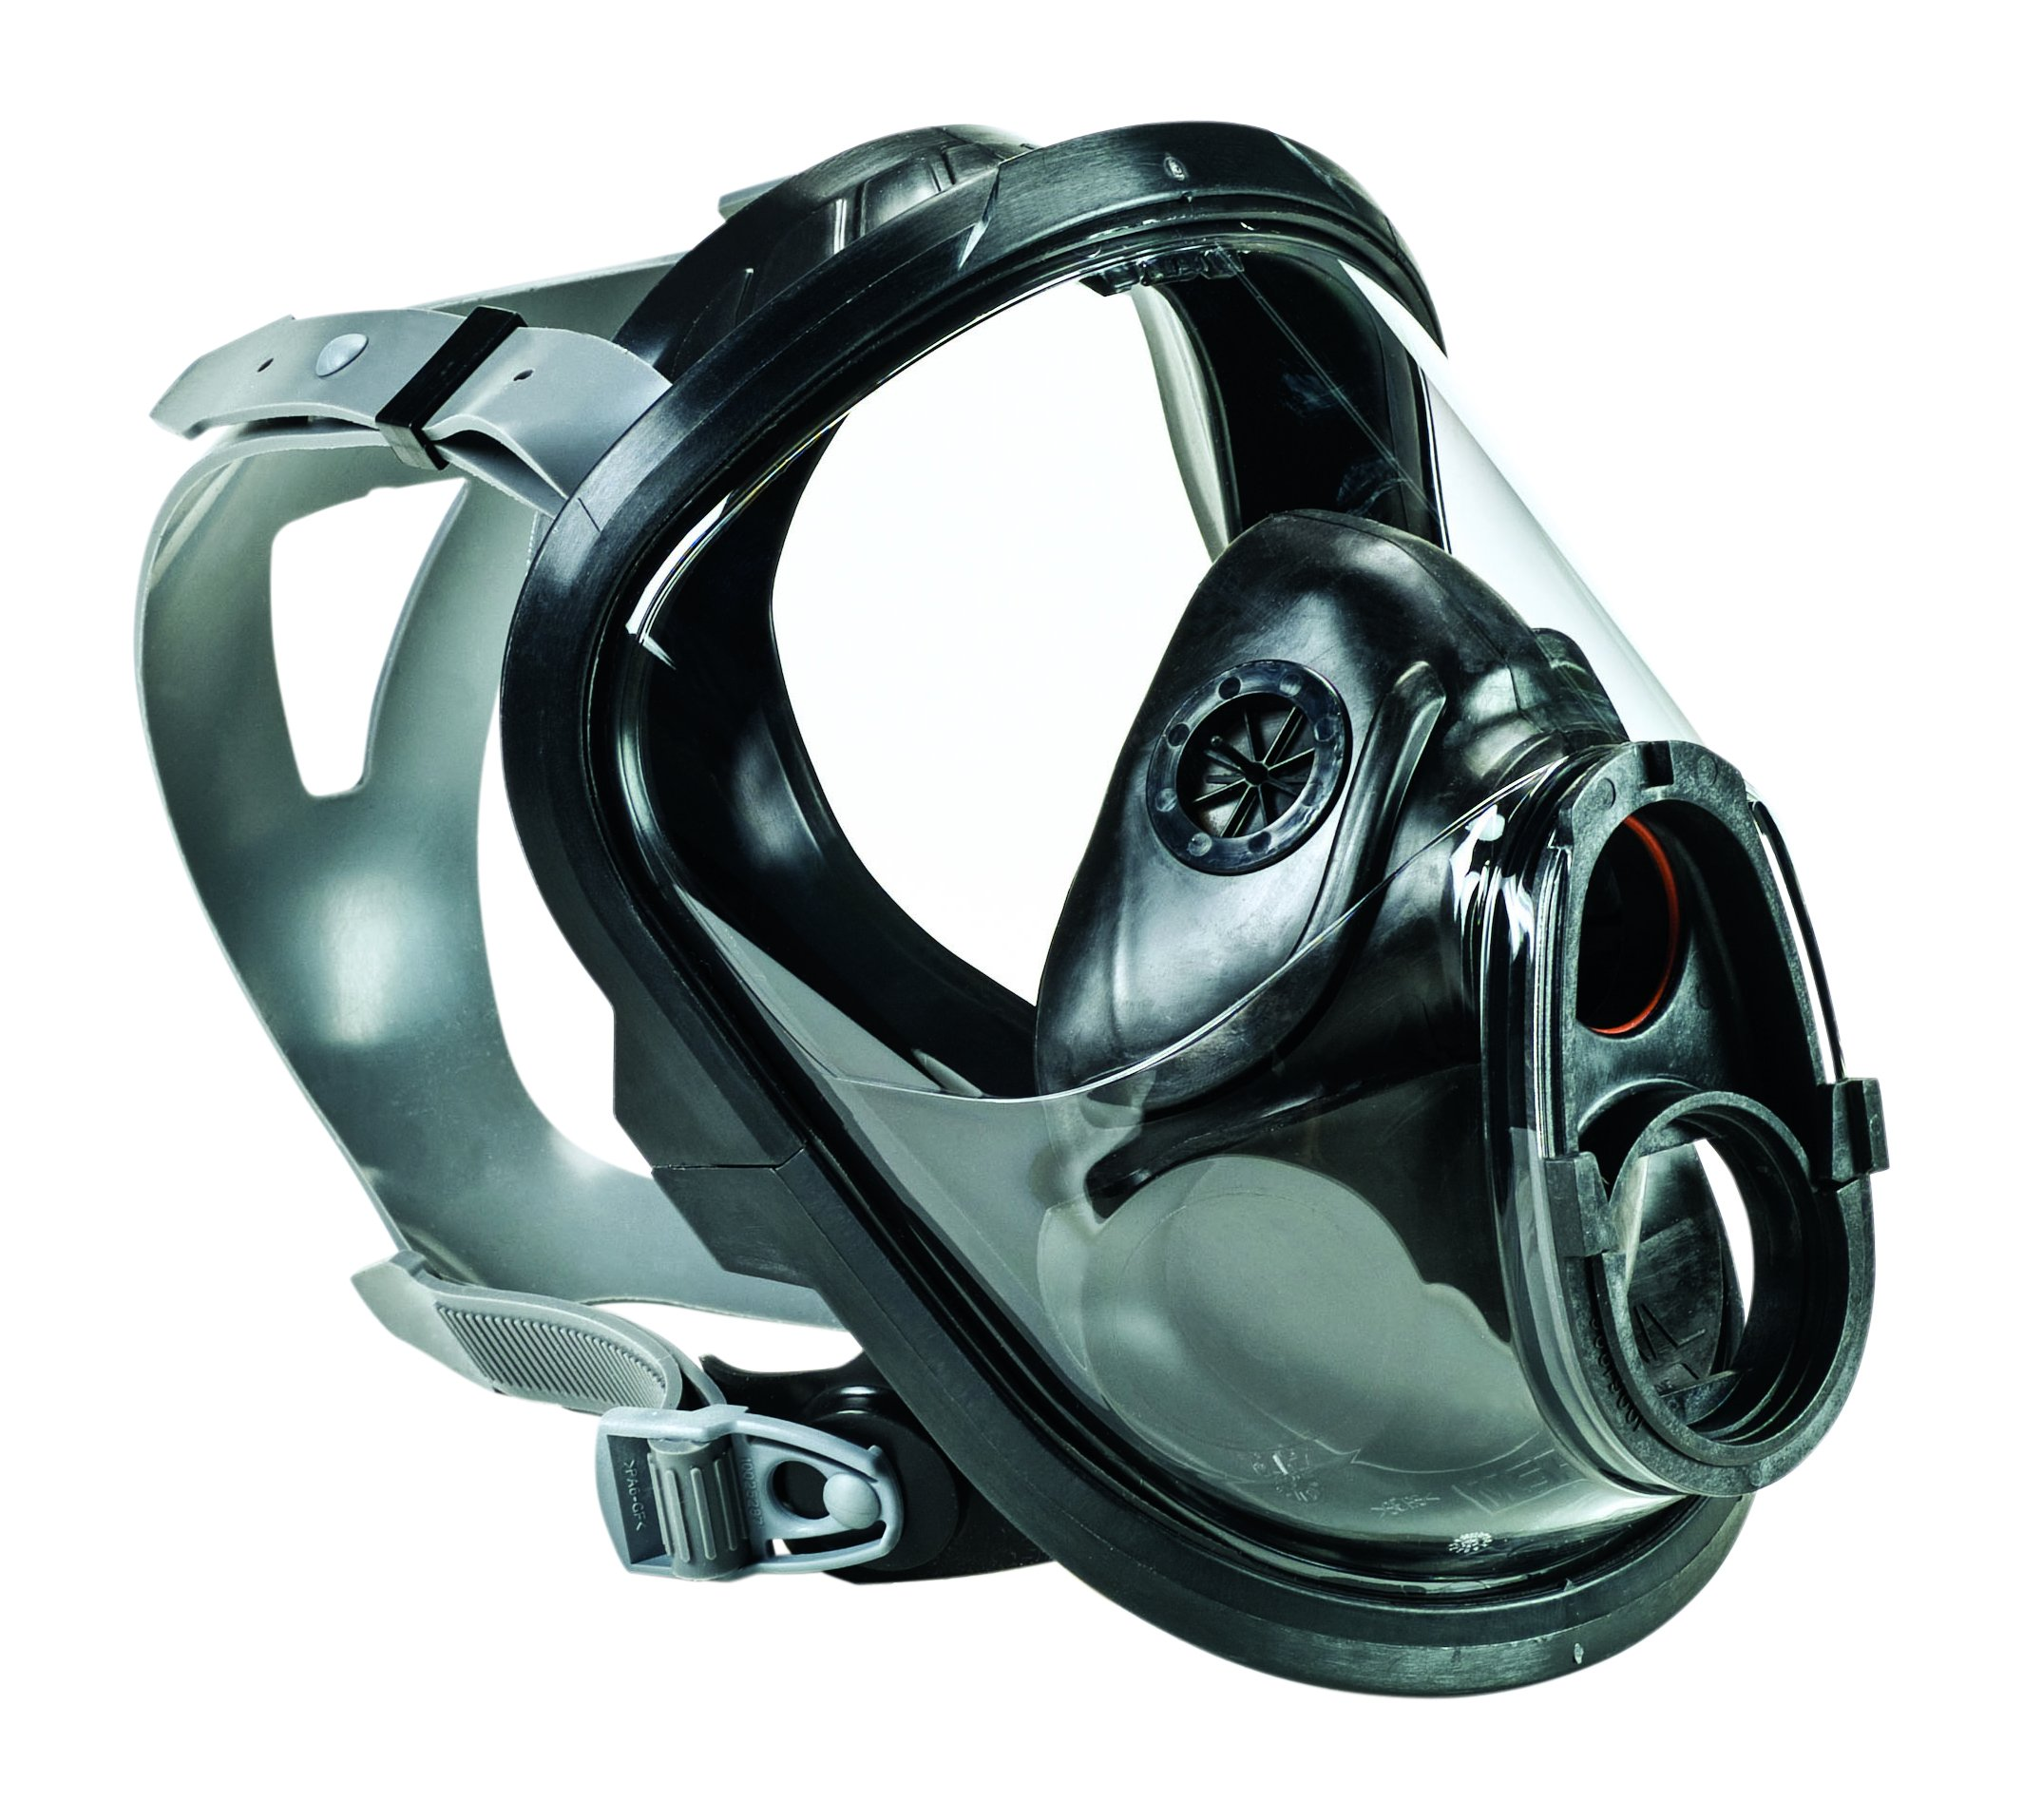 MSA 10083794 Advantage 4100 Series Full-Facepiece Silicone Respirator with Rubber Head Harness, Single-Port, Medium